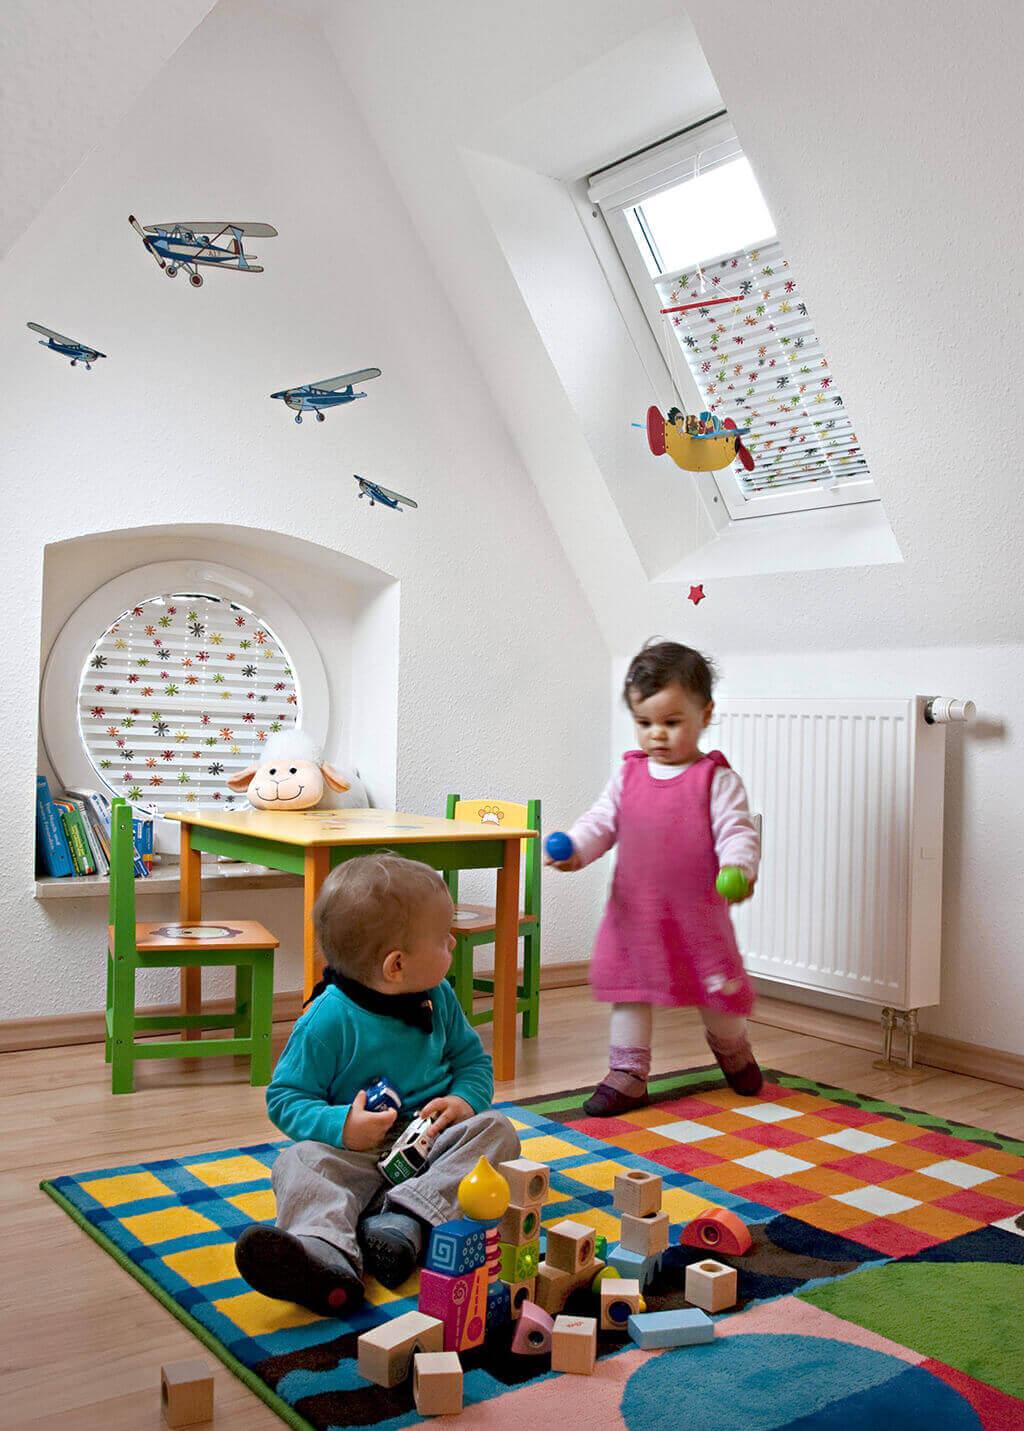 Full Size of Plissee Kinderzimmer Rollos Und Plissees Mit Motiven Regal Fenster Sofa Weiß Regale Kinderzimmer Plissee Kinderzimmer